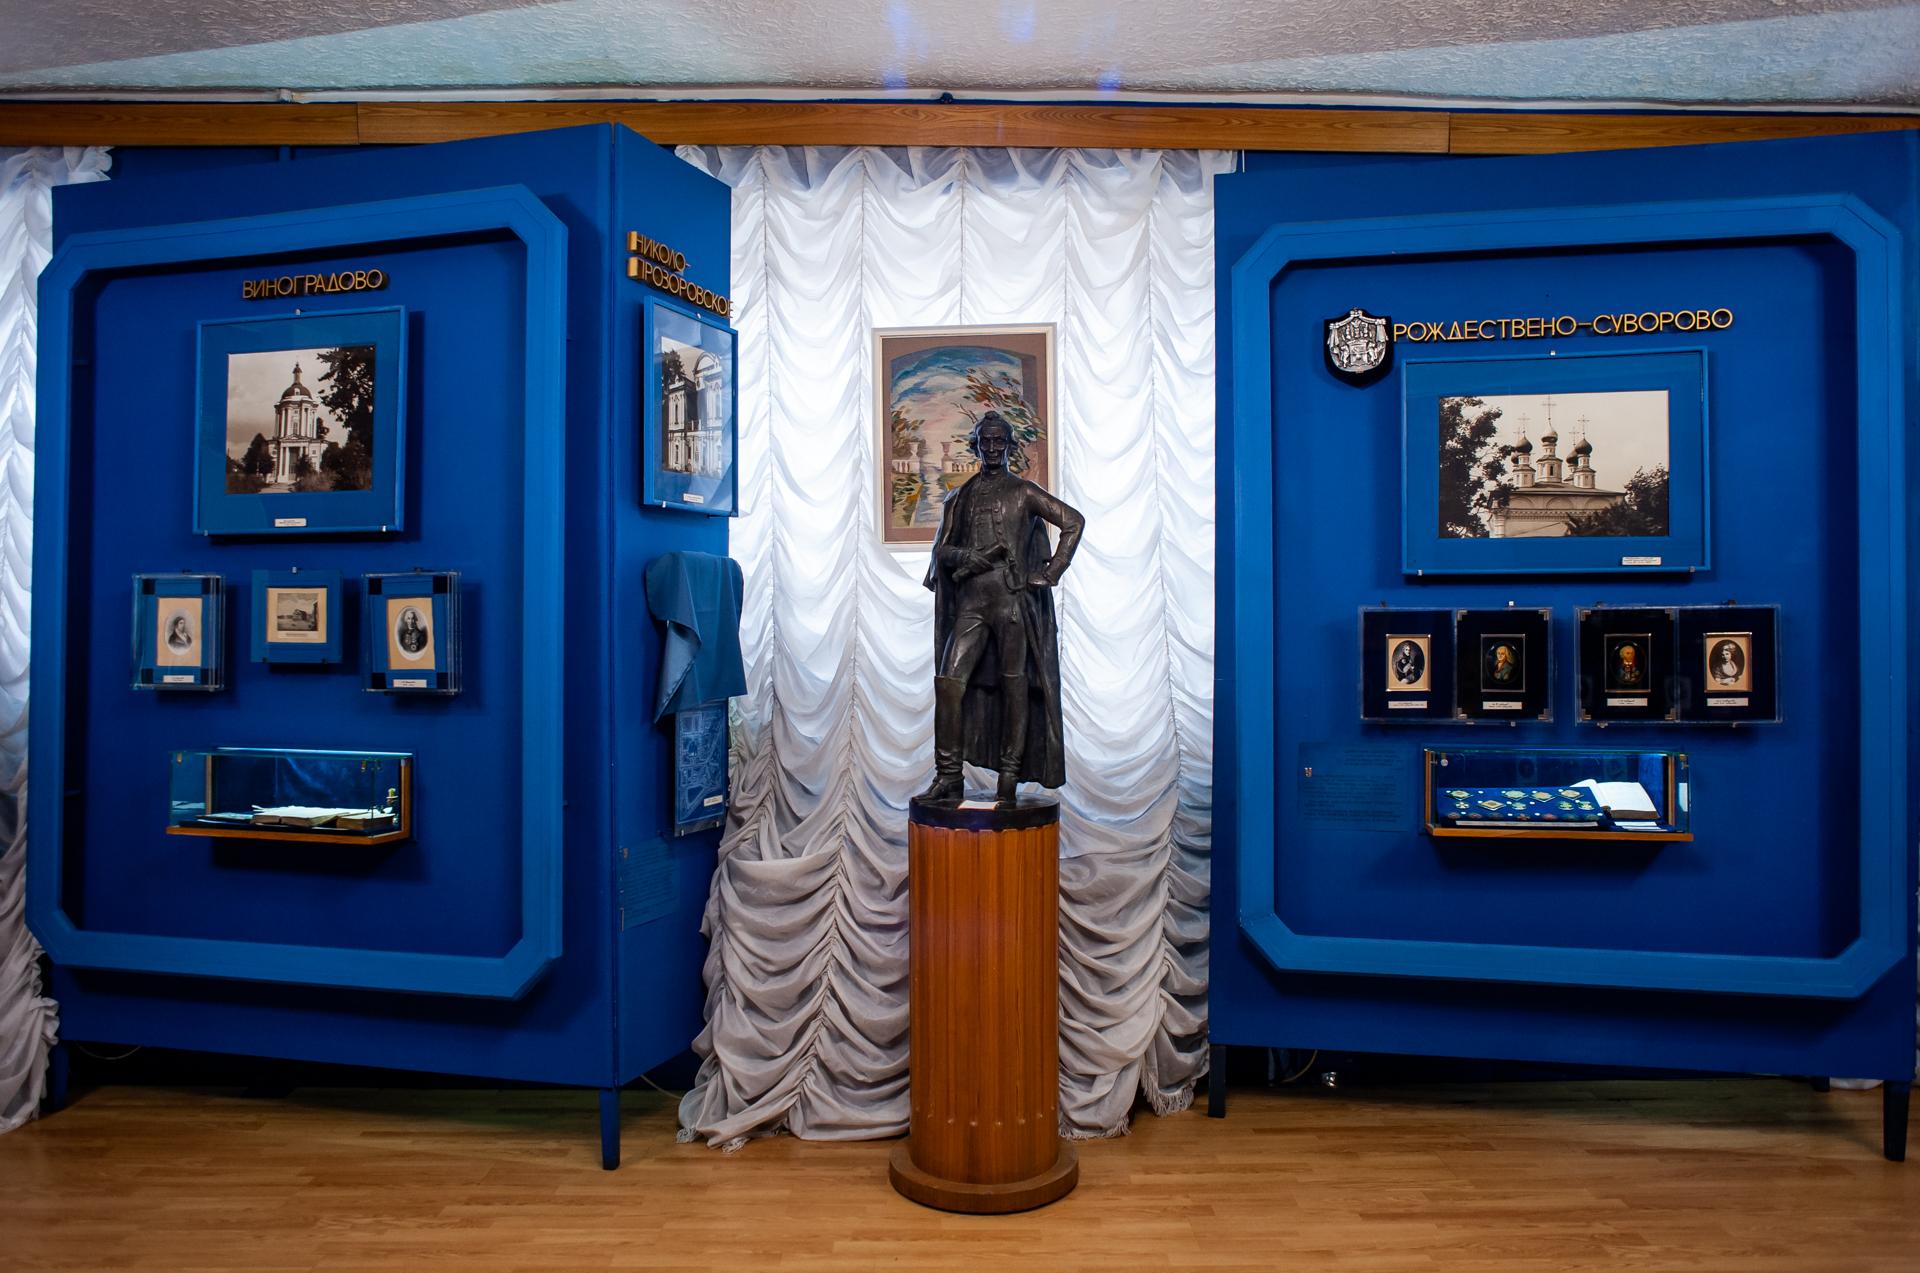 Мытищи, историко-художественный музей